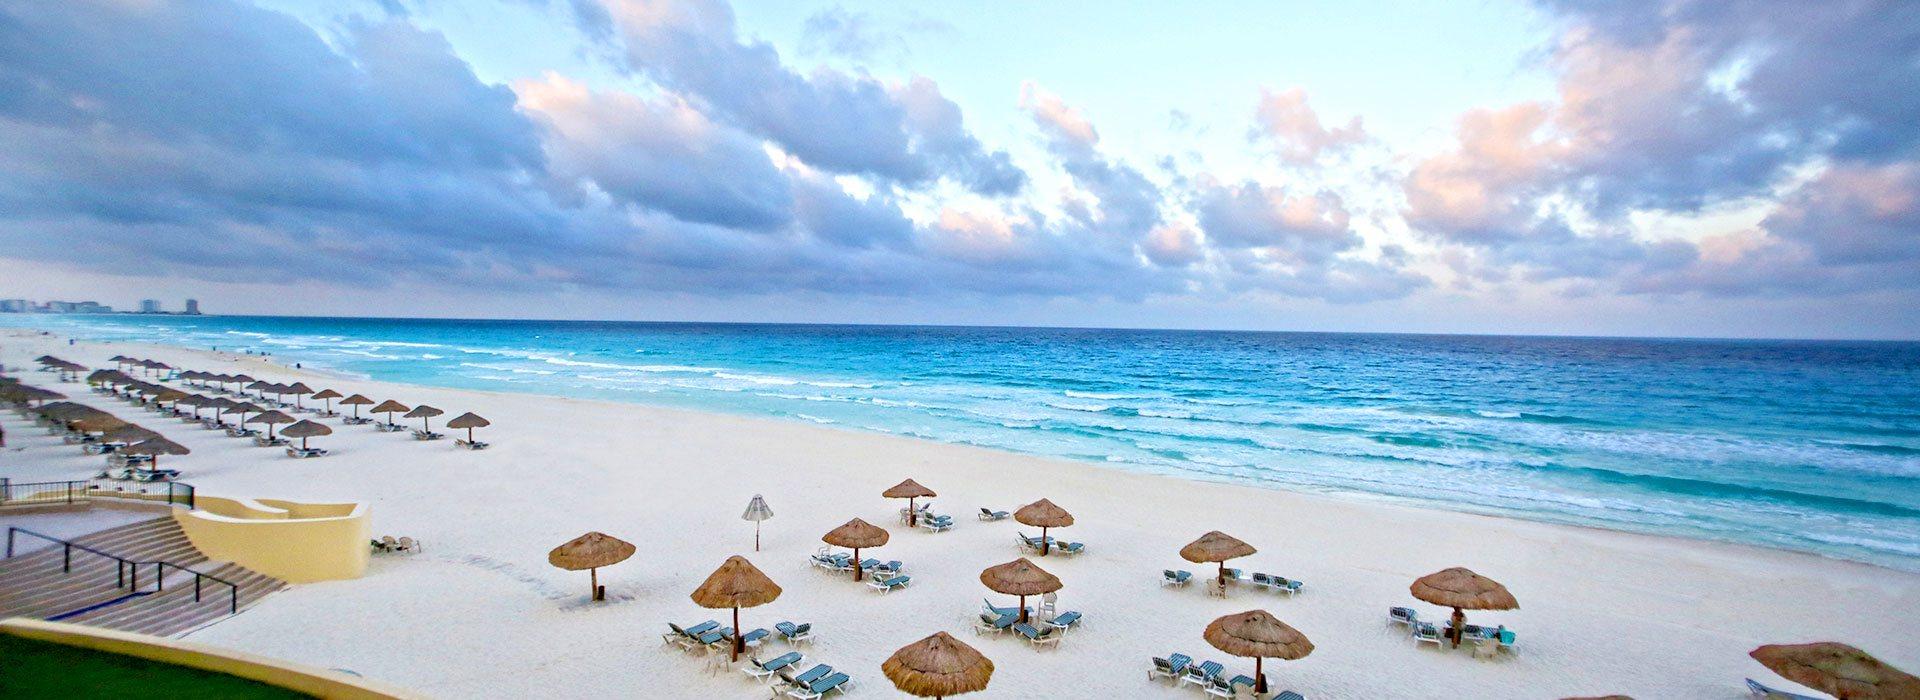 Uno de los mejores resorts familiares frente a la playa en Cancún con Plan Todo Incluido